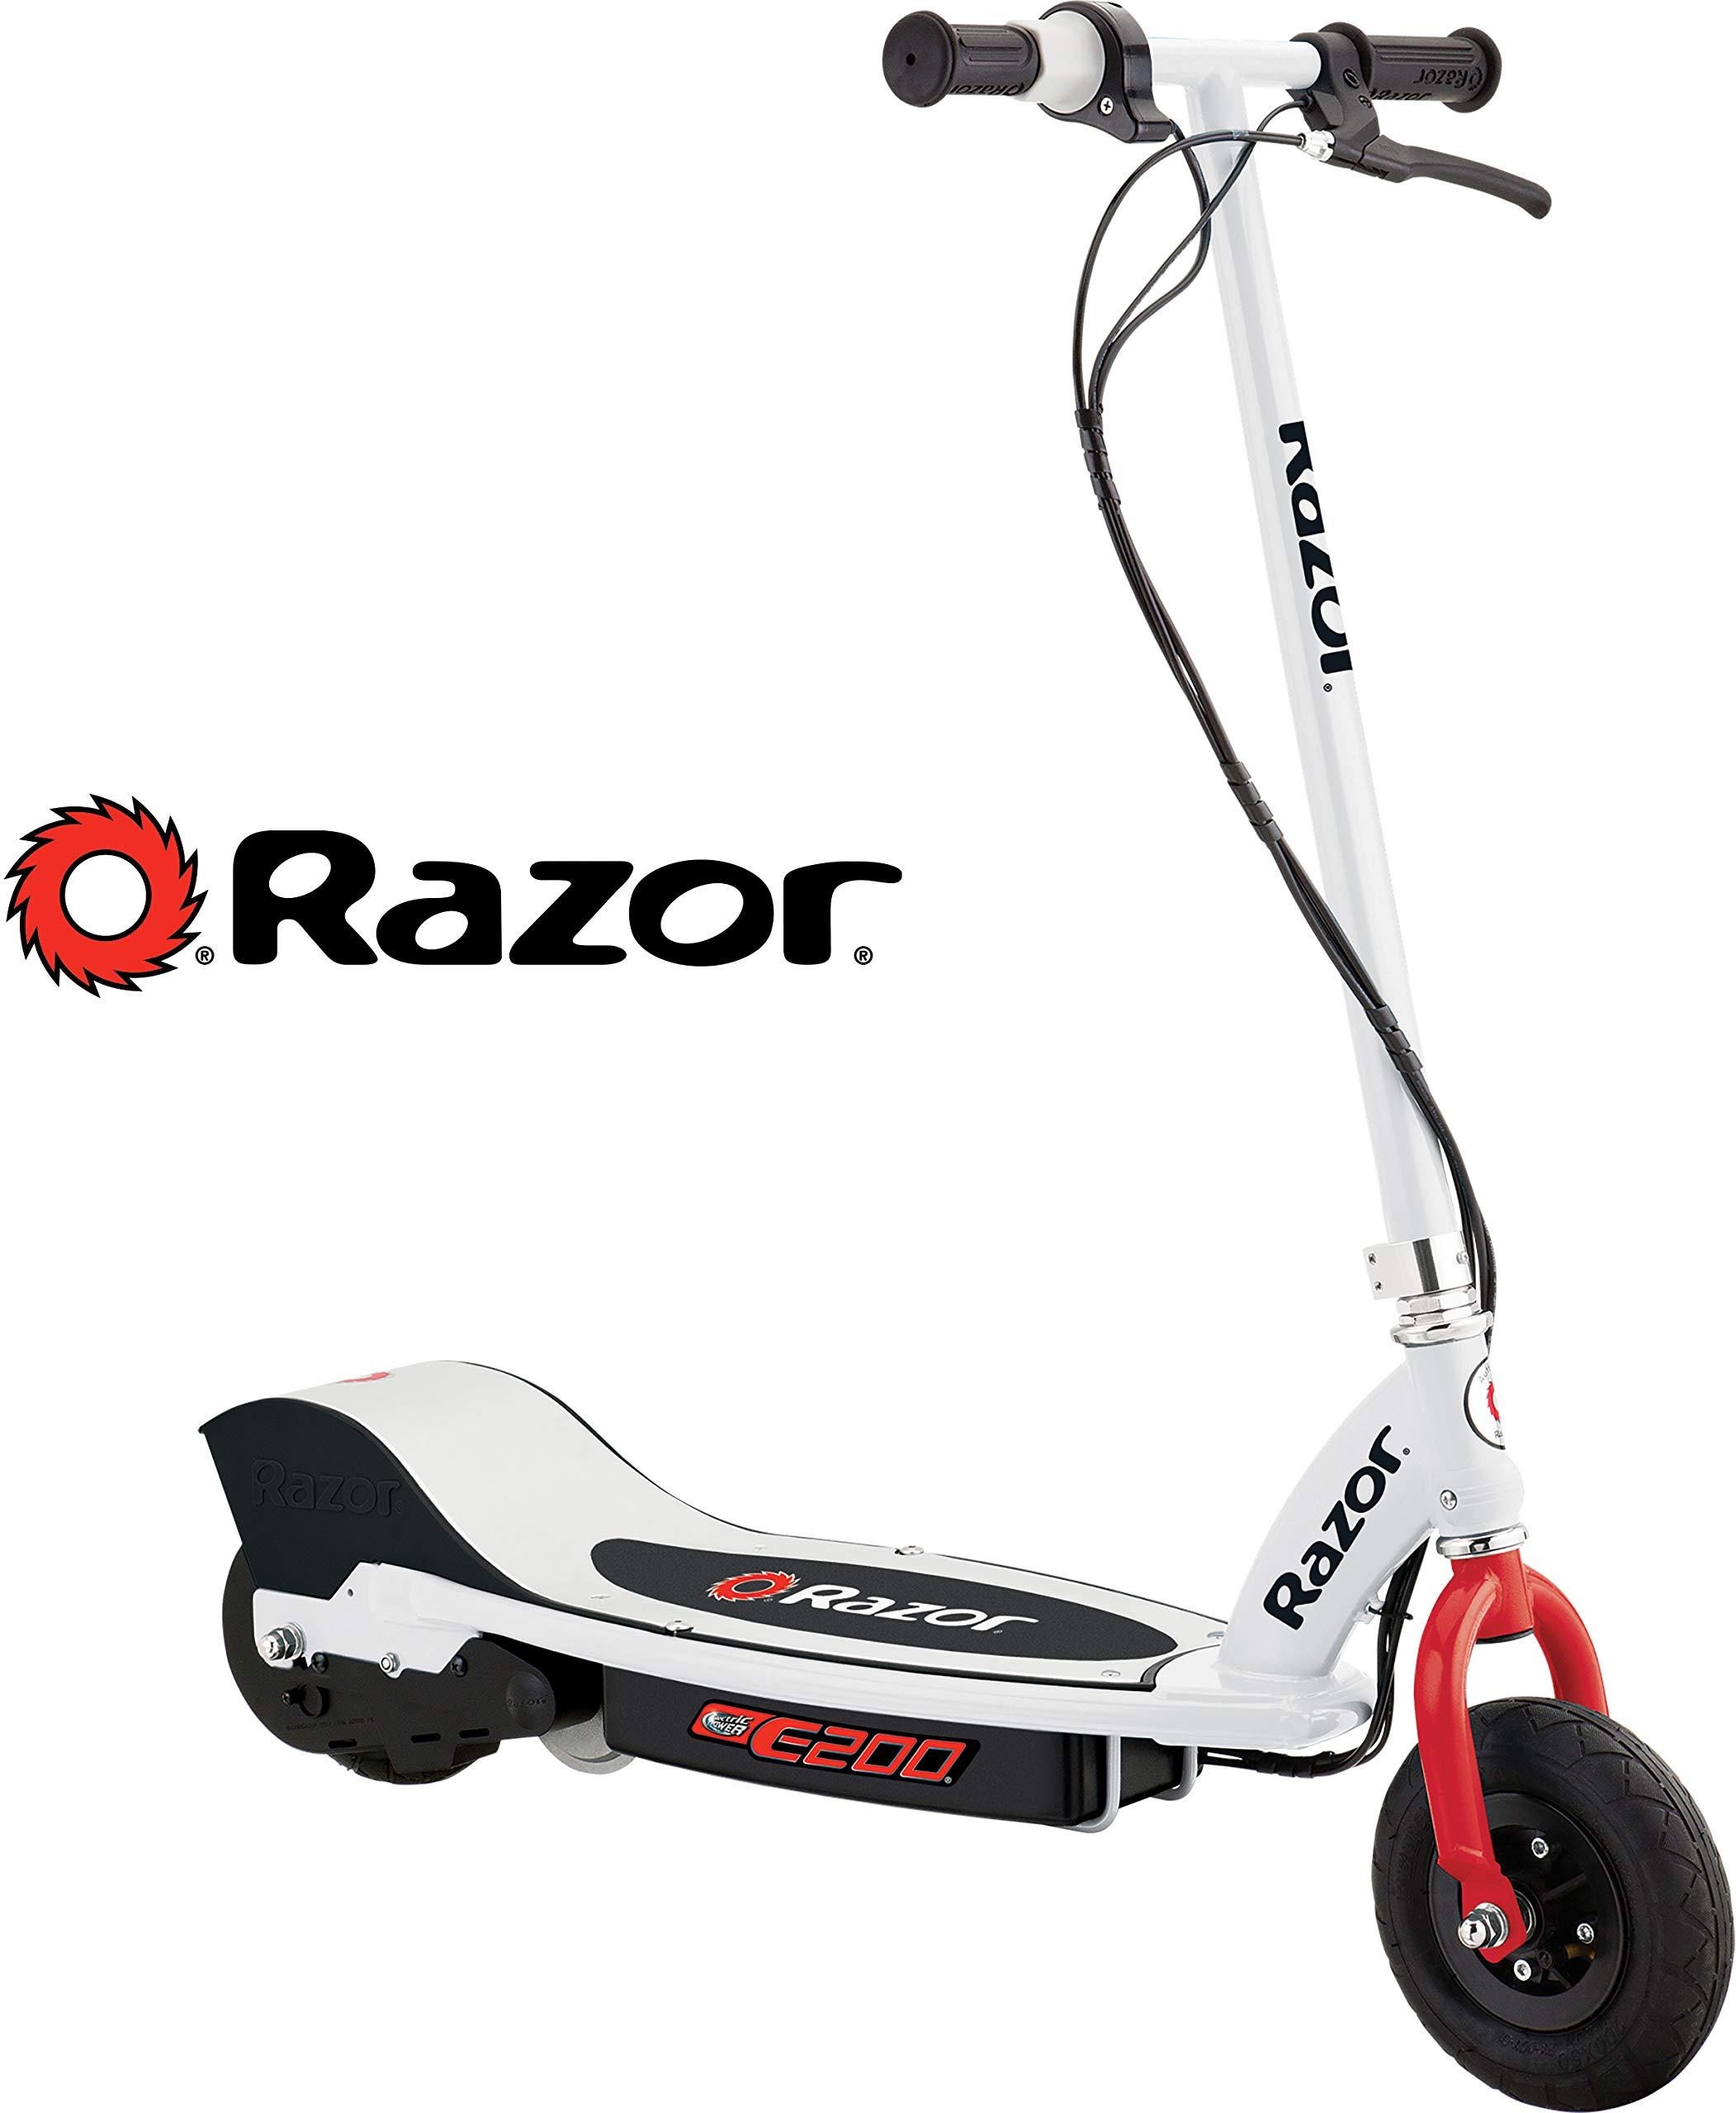 Razor E200 Electric Scooter - White/Red - 13112410 by Razor